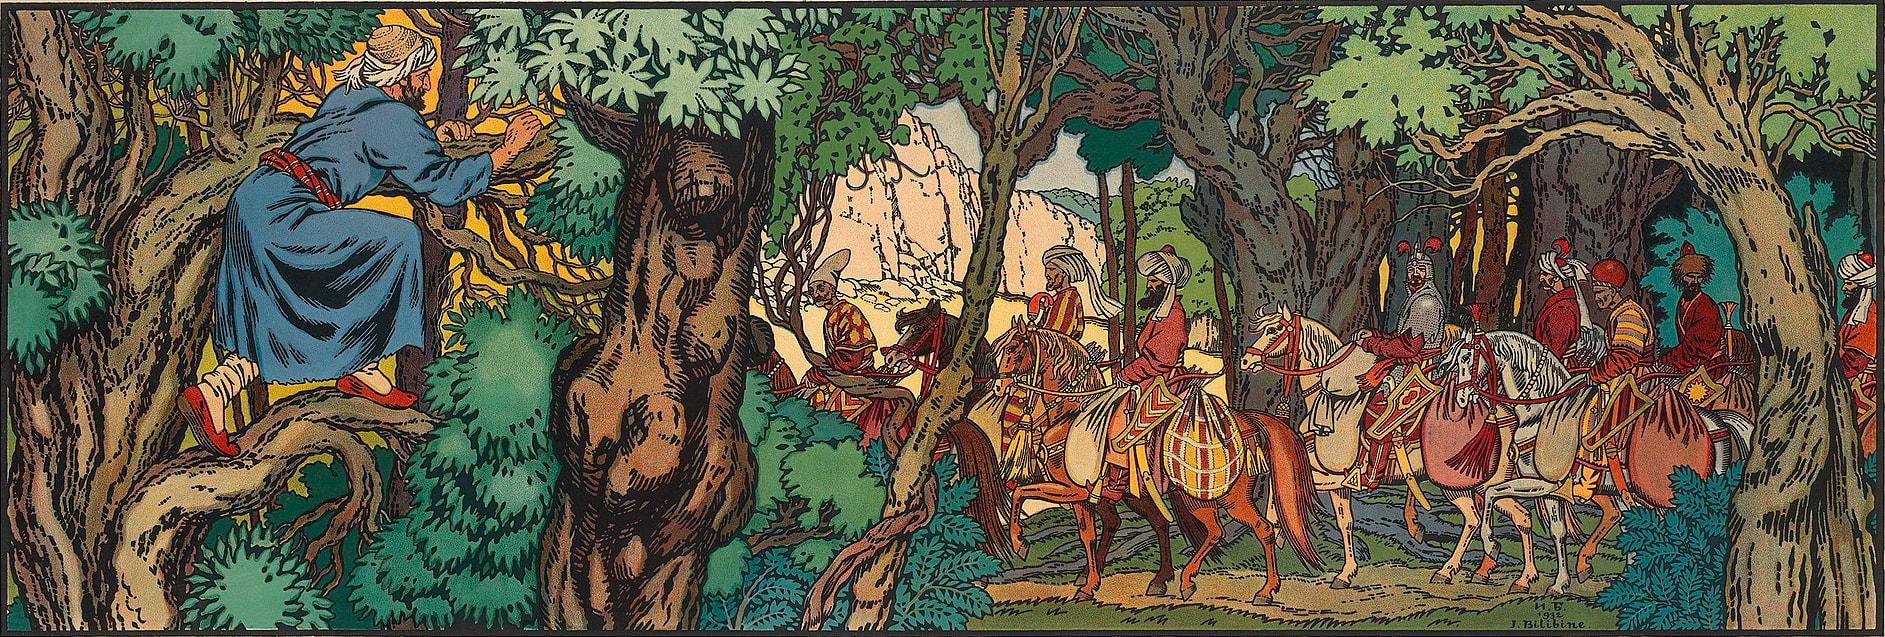 The Hunt by Ivan Bilibin